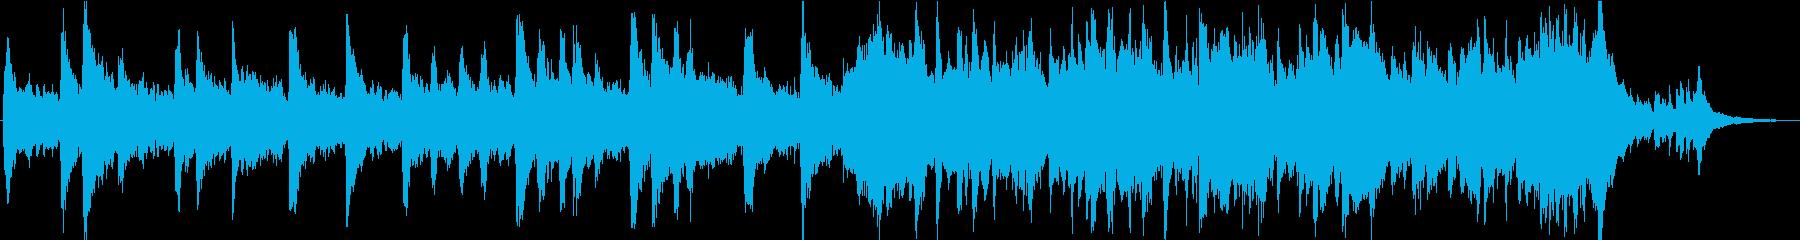 企業PV】前向き感動BGM【短縮版】の再生済みの波形